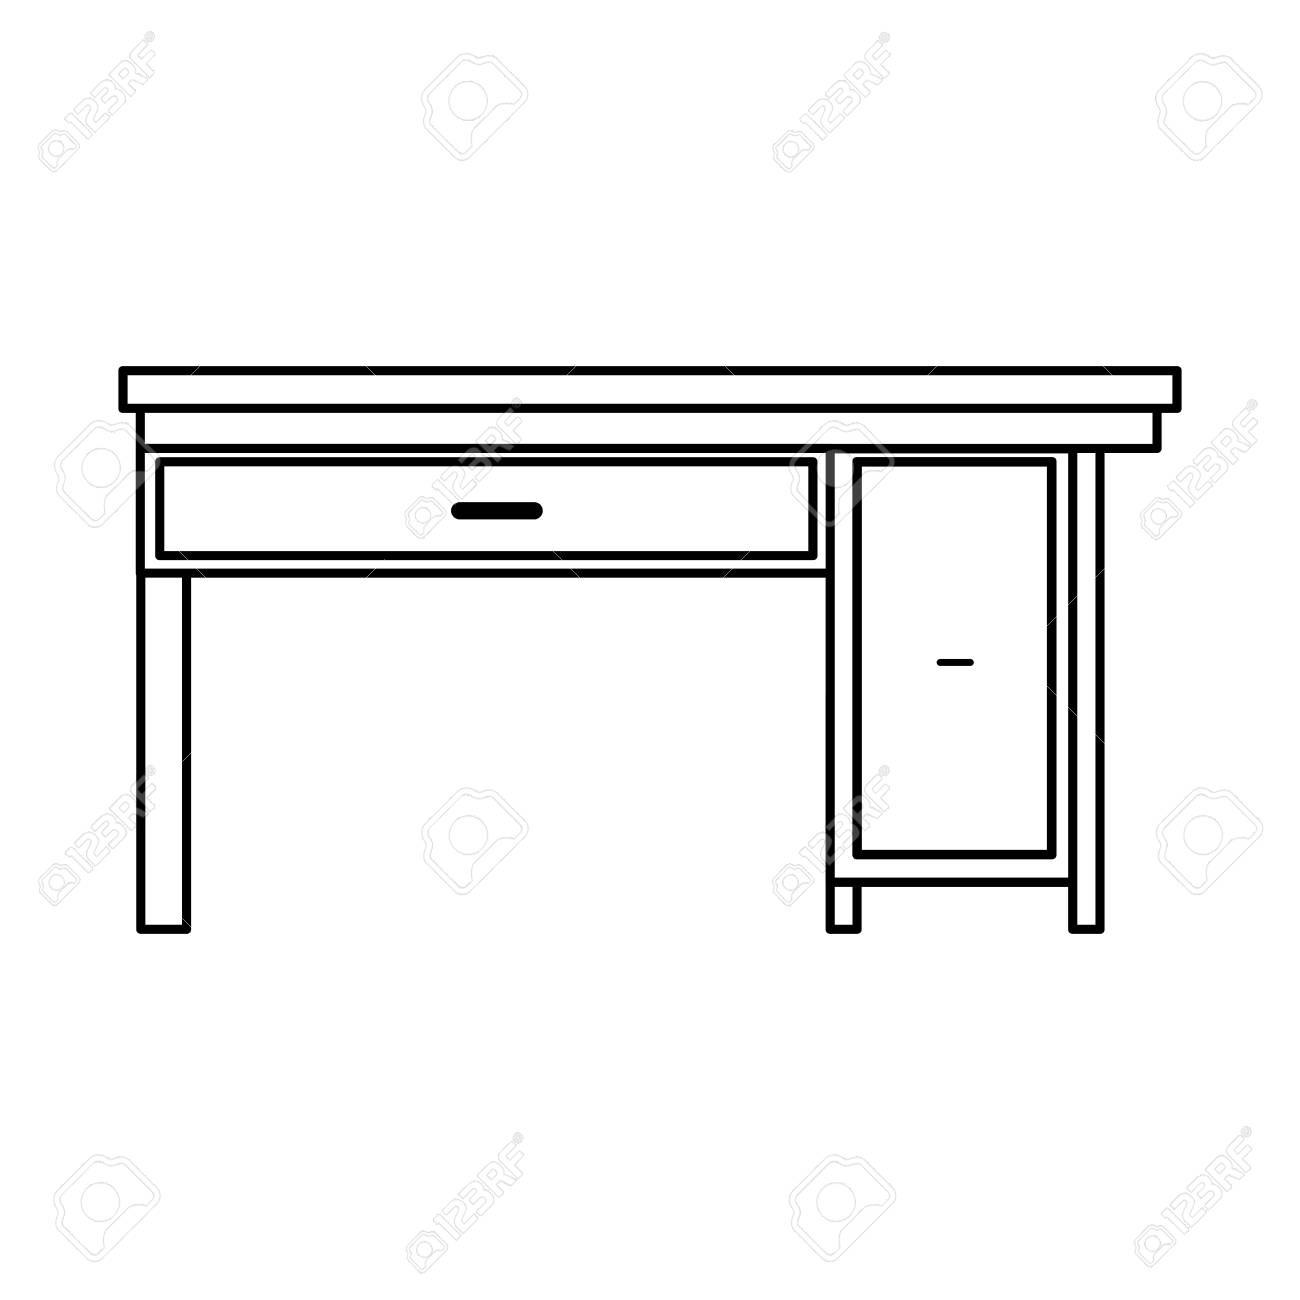 Office Desk Wooden Drawer Handle Furniture Outline Vector Illustration  Stock Vector   77843948